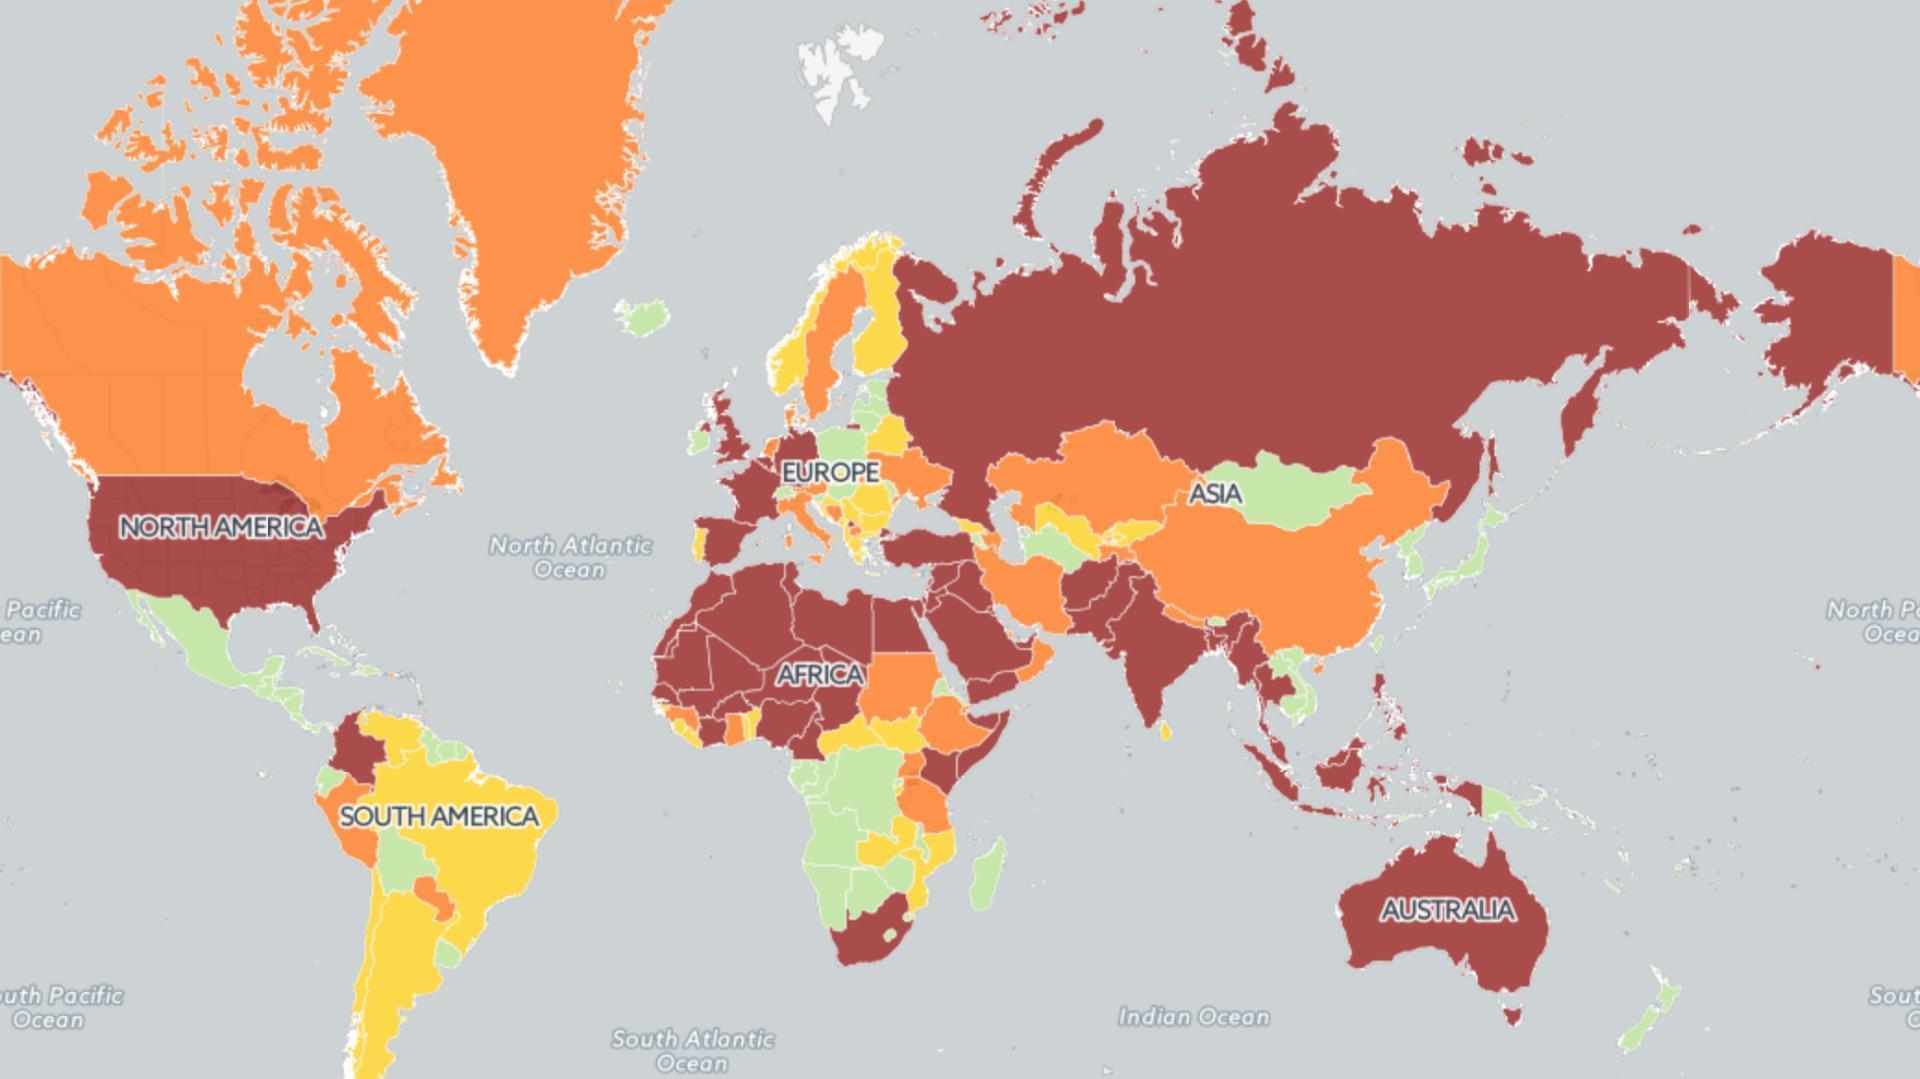 Estos son los países en donde es más probable que ocurran ataques terroristas